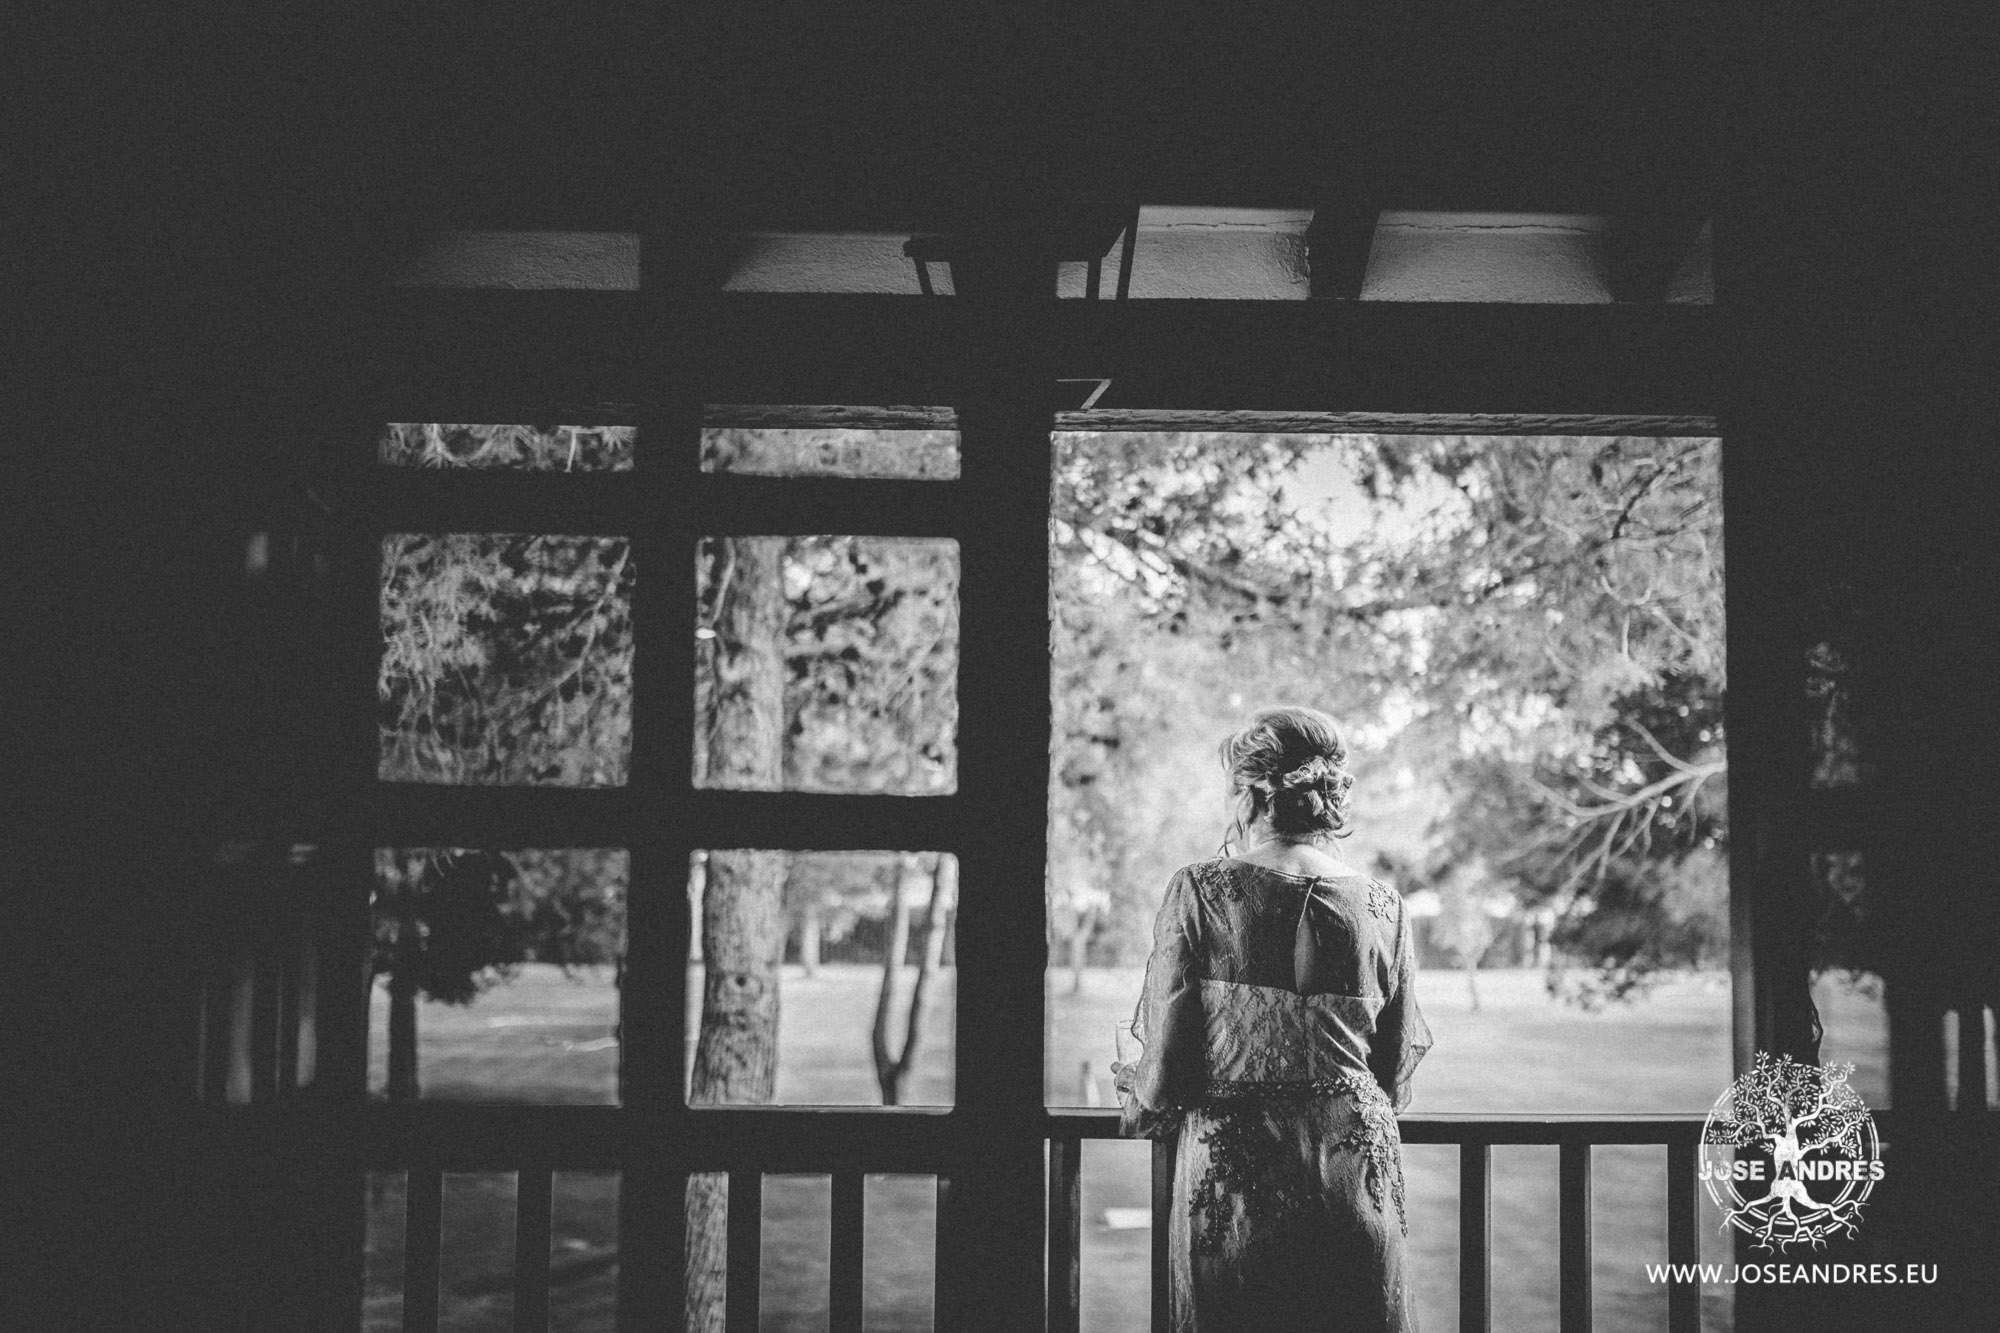 Boda en el parador de Albacete, boda sin posados, Jose Andrés fotografía y cine documental de bodas.